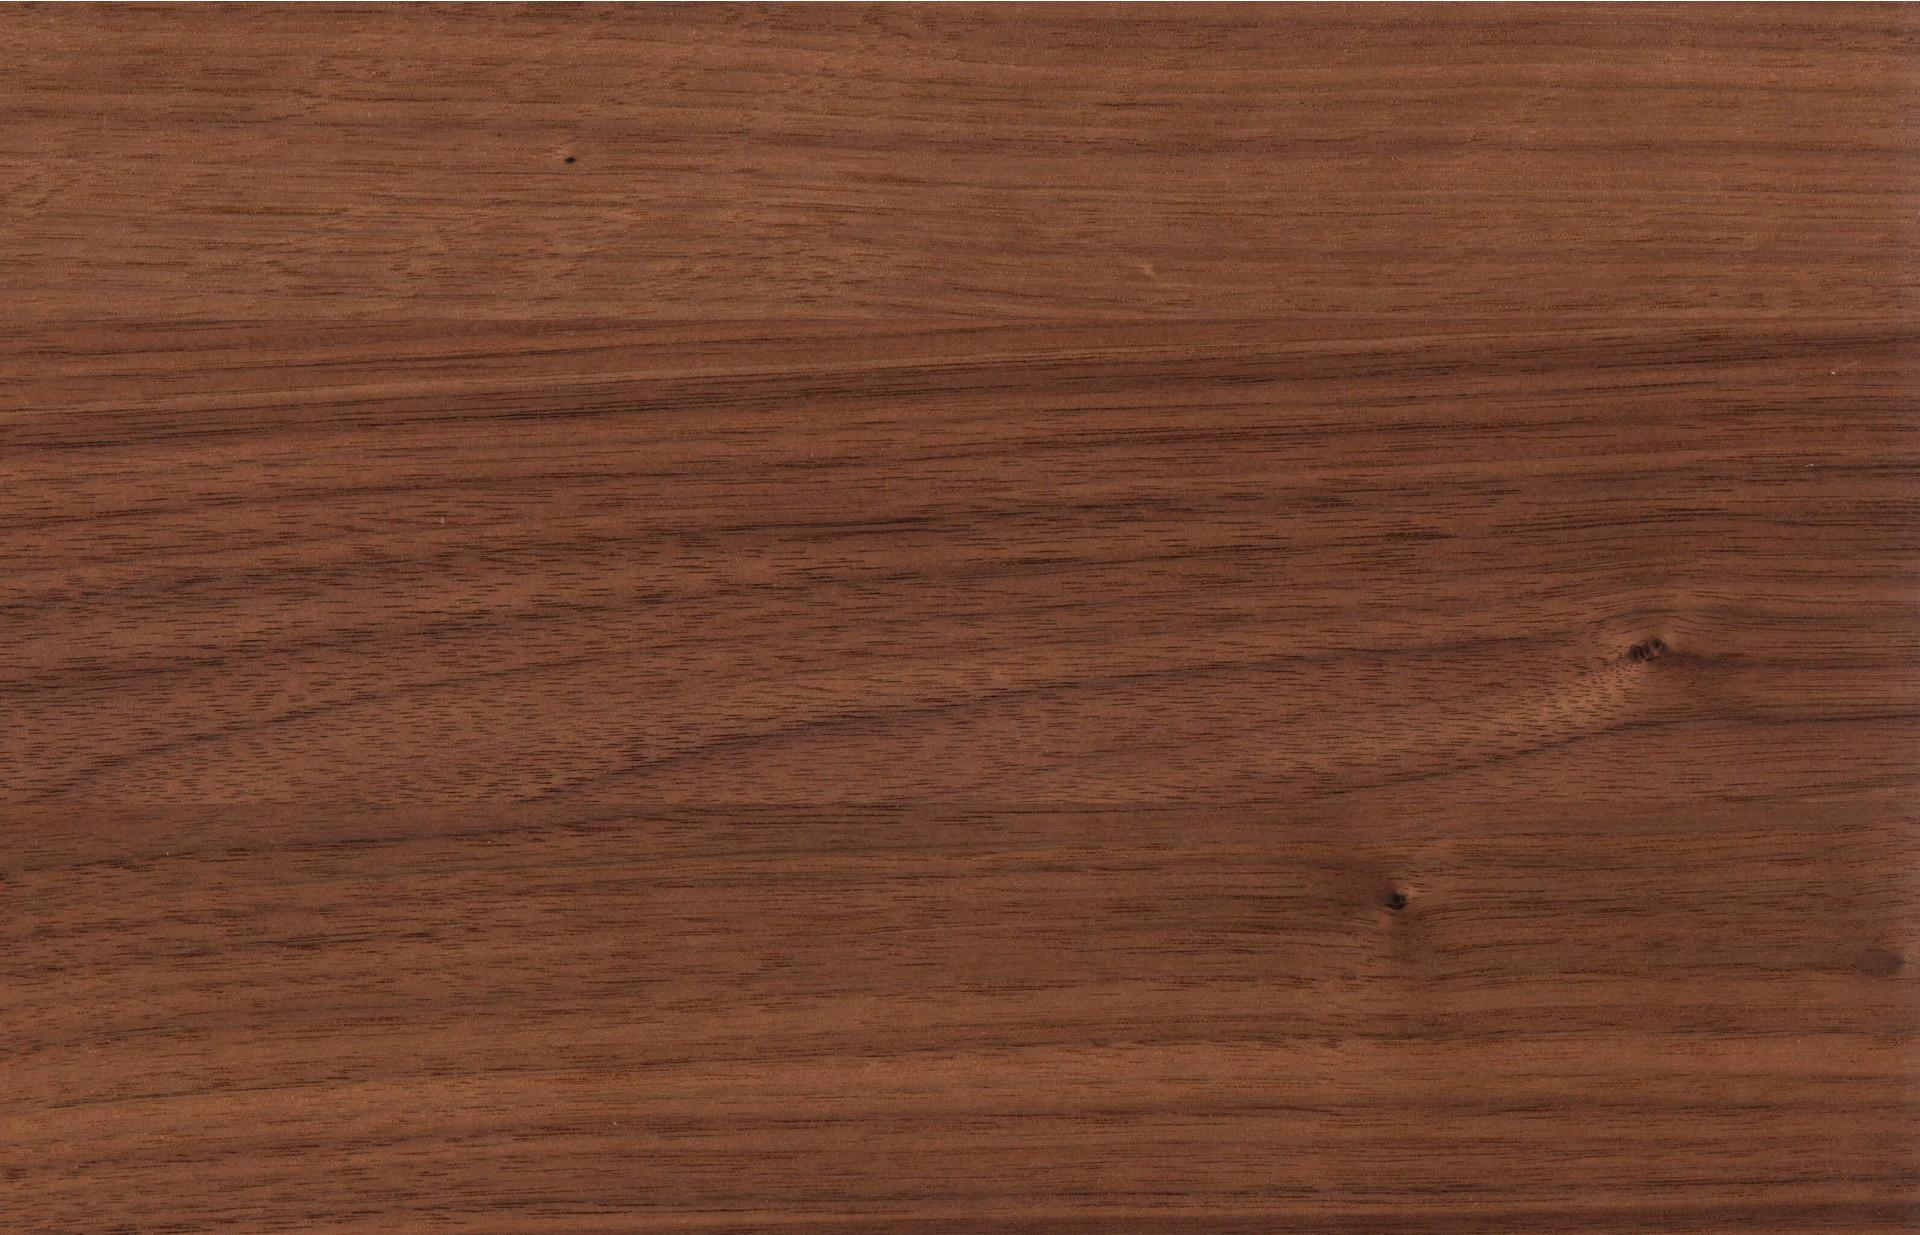 Holzmuster in Eiche Nussbaum natur geölt